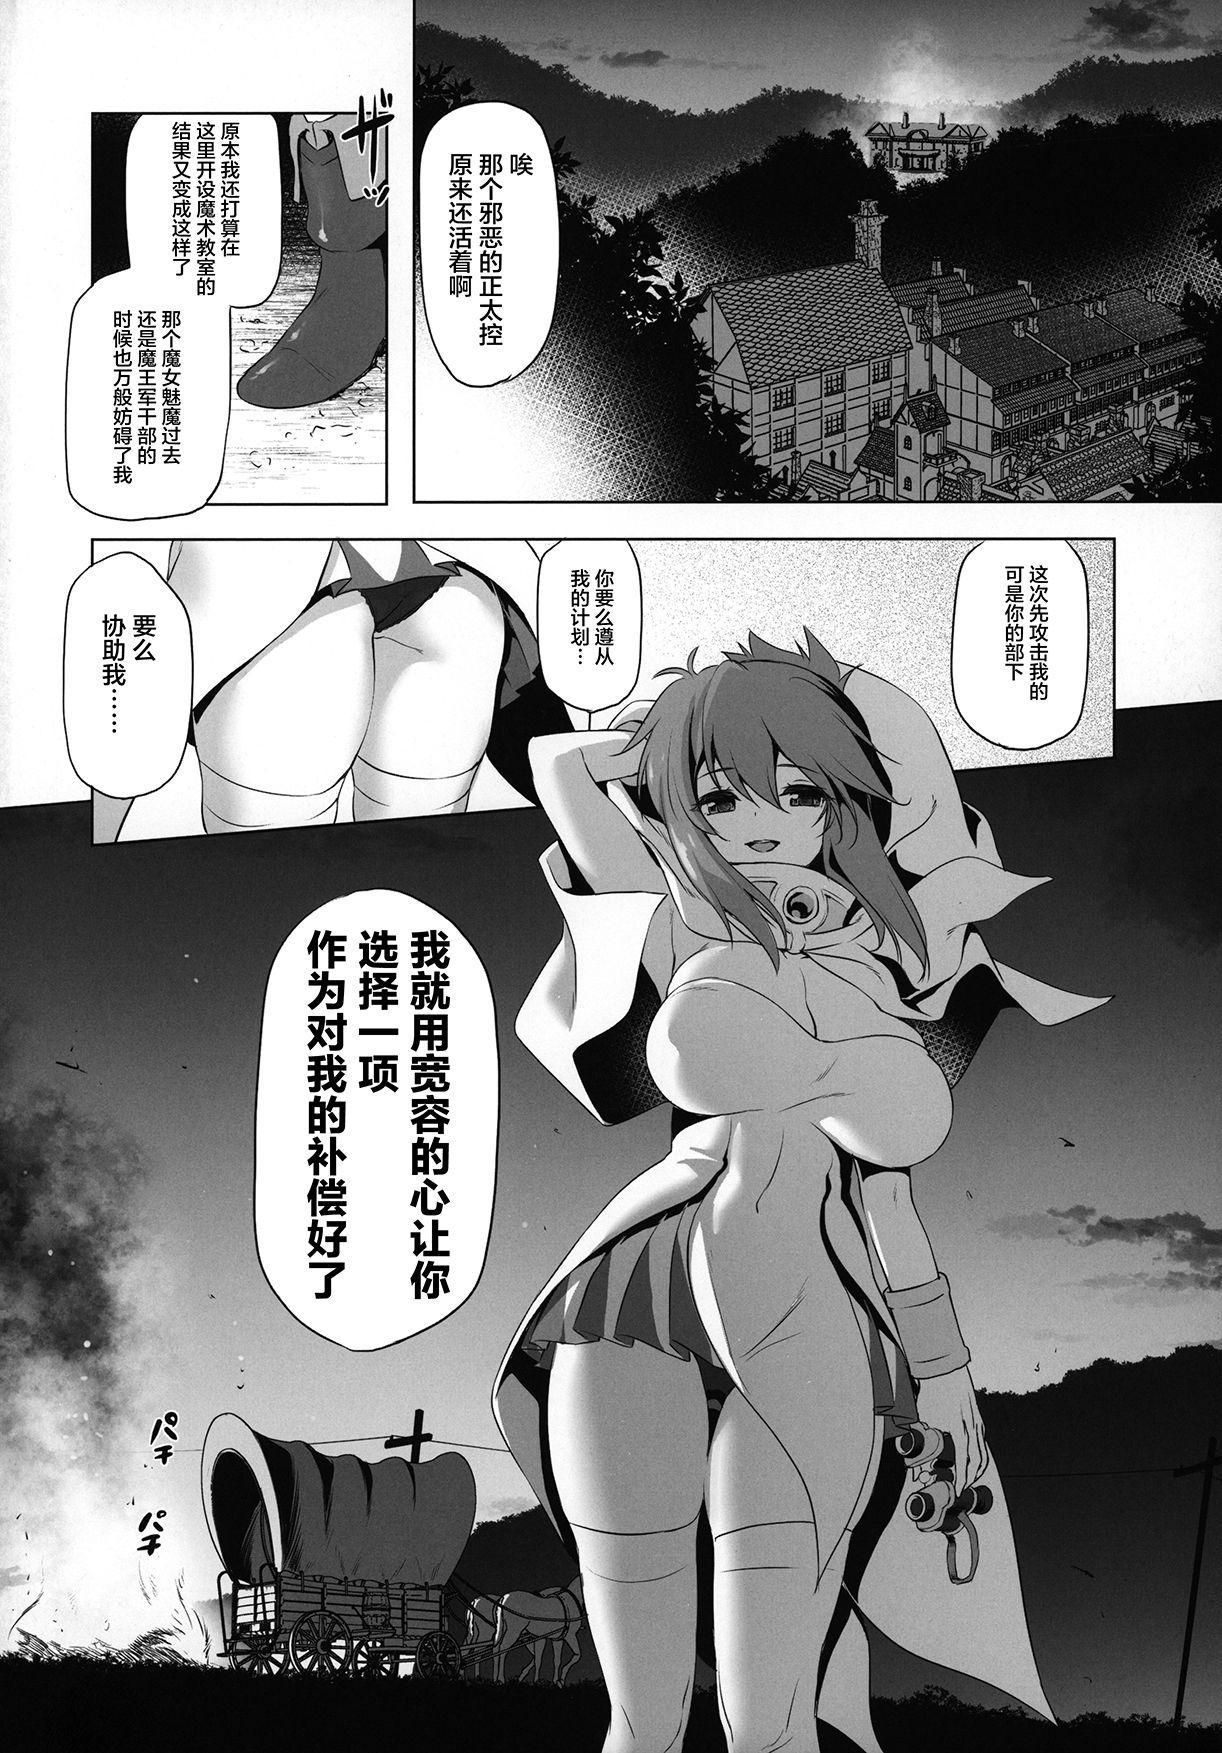 Makotoni Zannen desu ga Bouken no Sho 6 wa Kiete Shimaimashita. 29